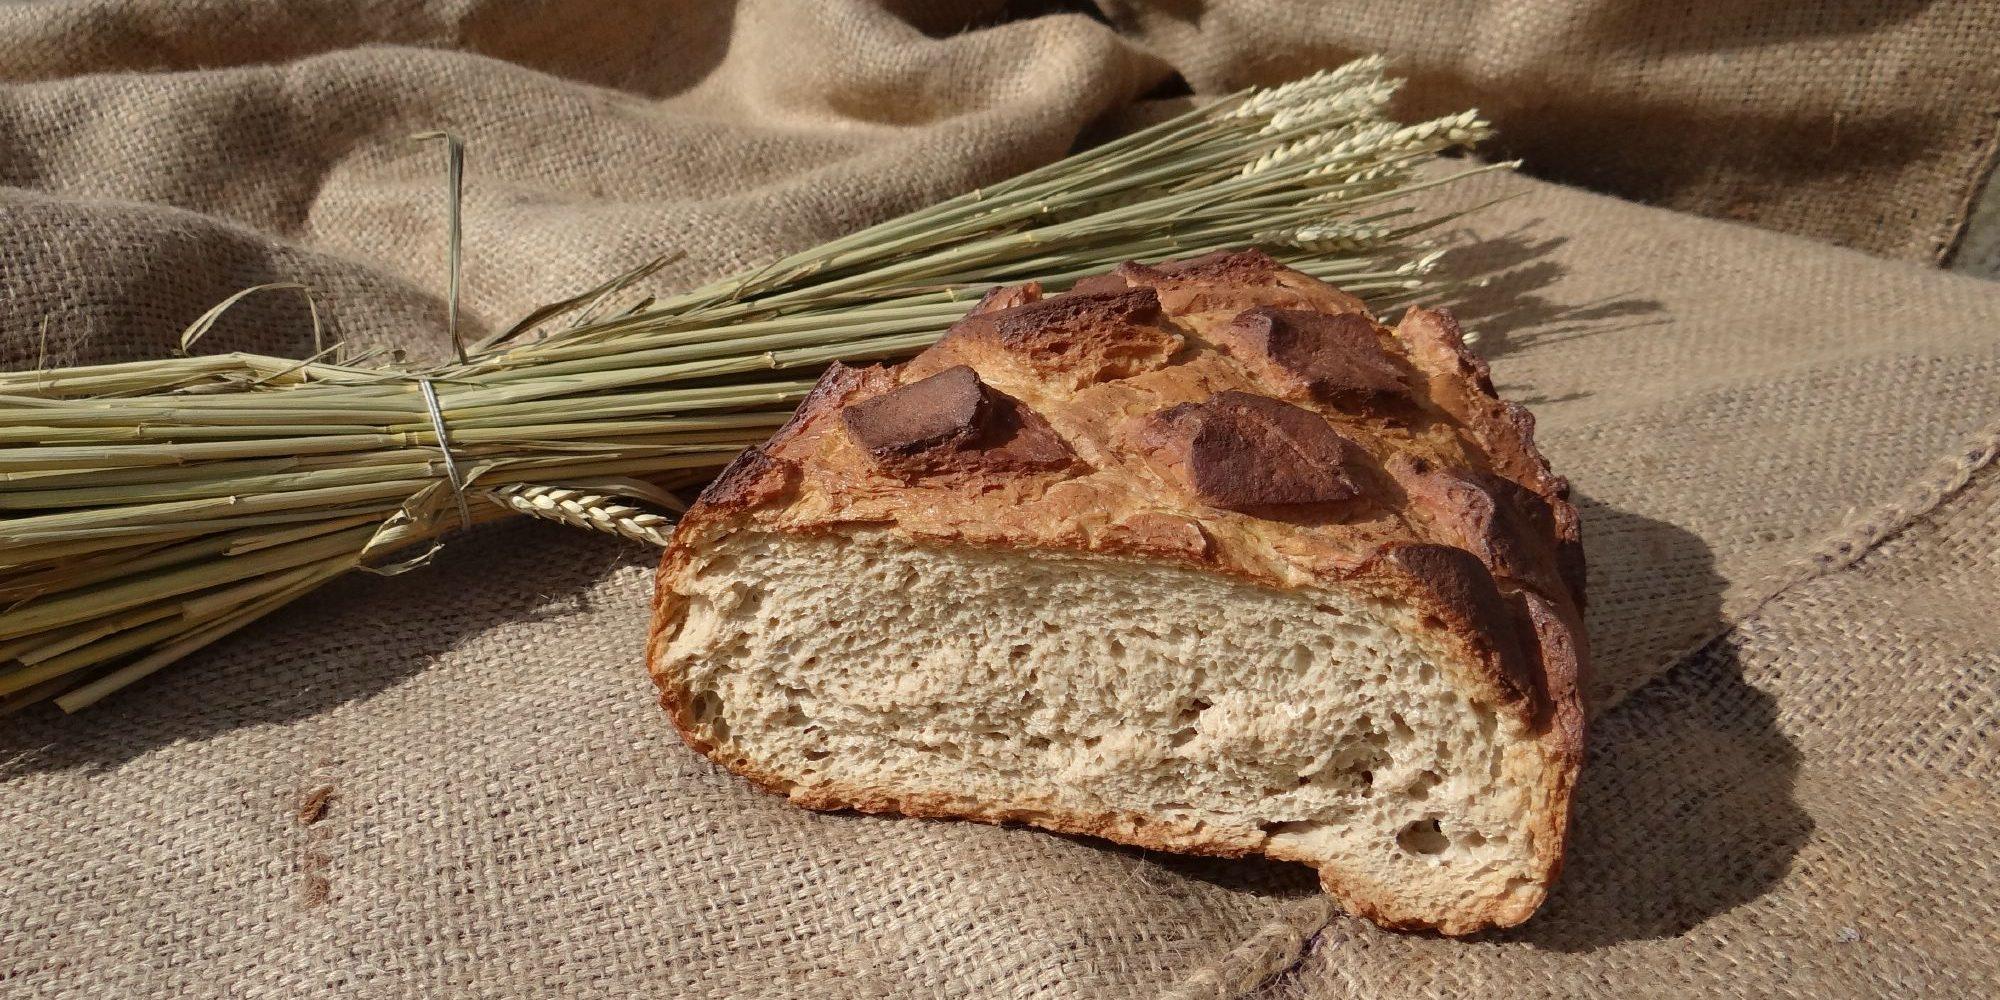 miche de pain médiévale factice pour expositions